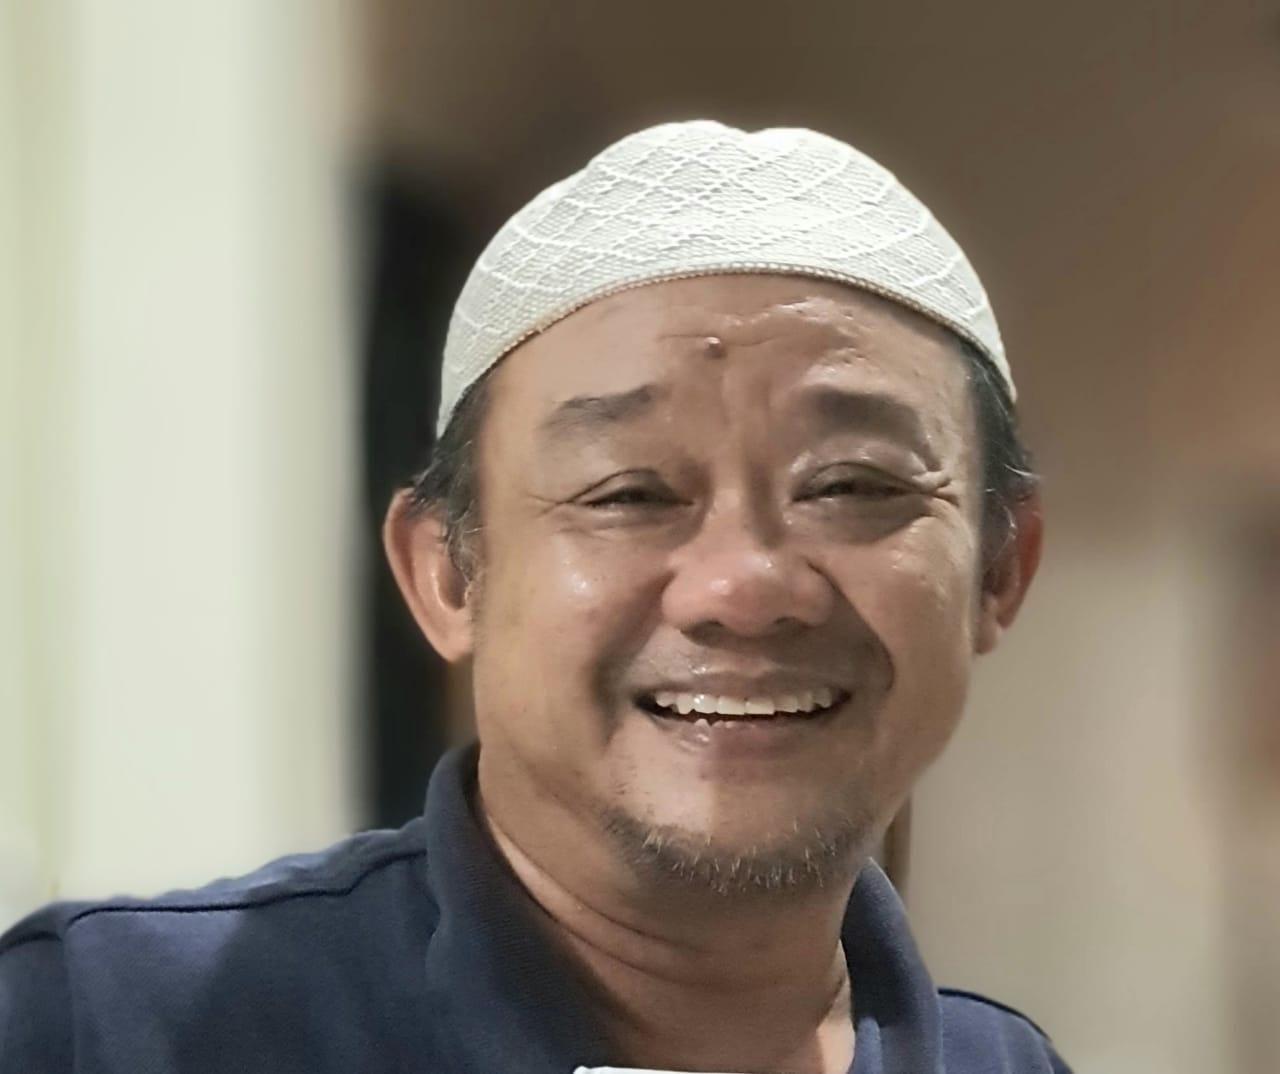 Alasan Pengurus Muhammadiyah Ini Tolak Tawaran Jokowi Jadi Wakil Menteri, Awalnya Bersedia